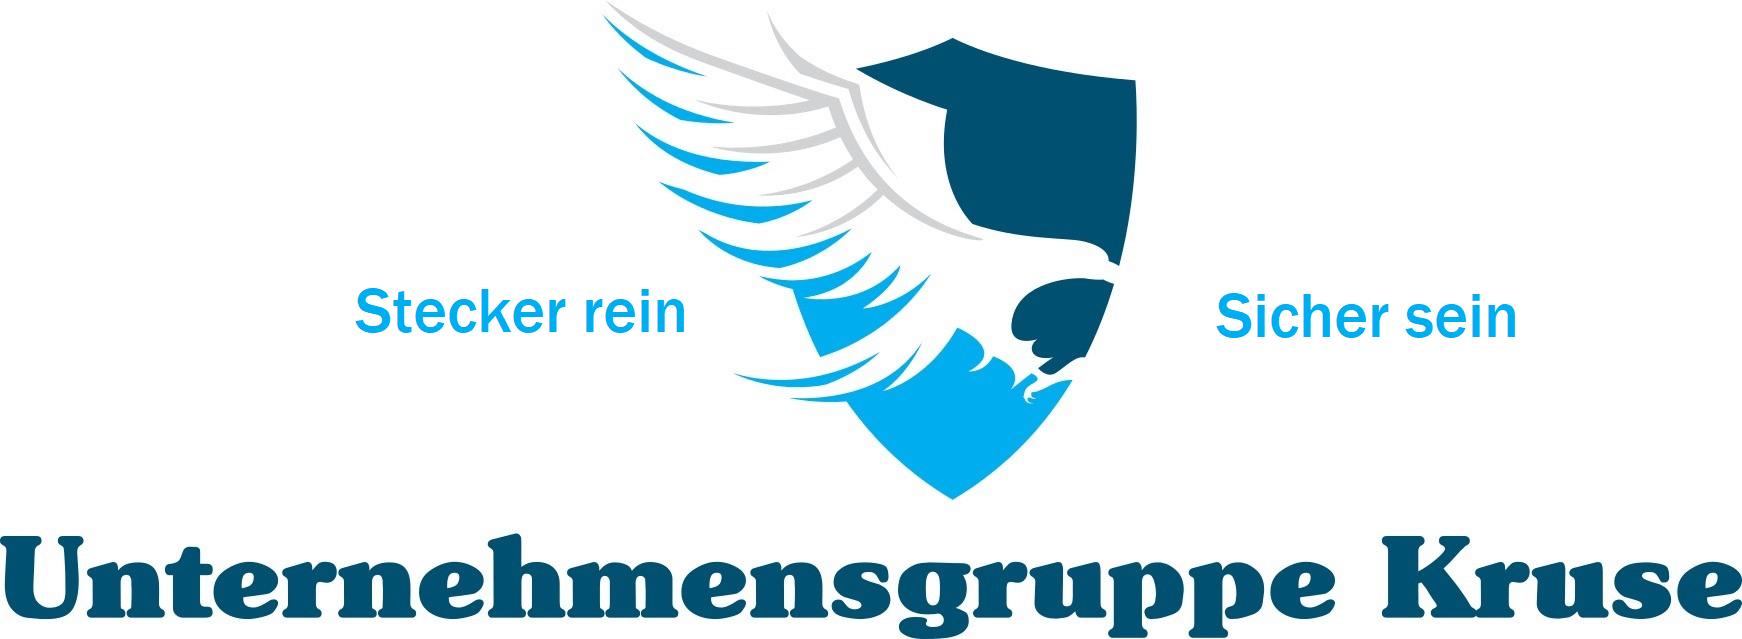 Unternehmertreffen Nordwest Logo Kruse Unternehmensgruppe